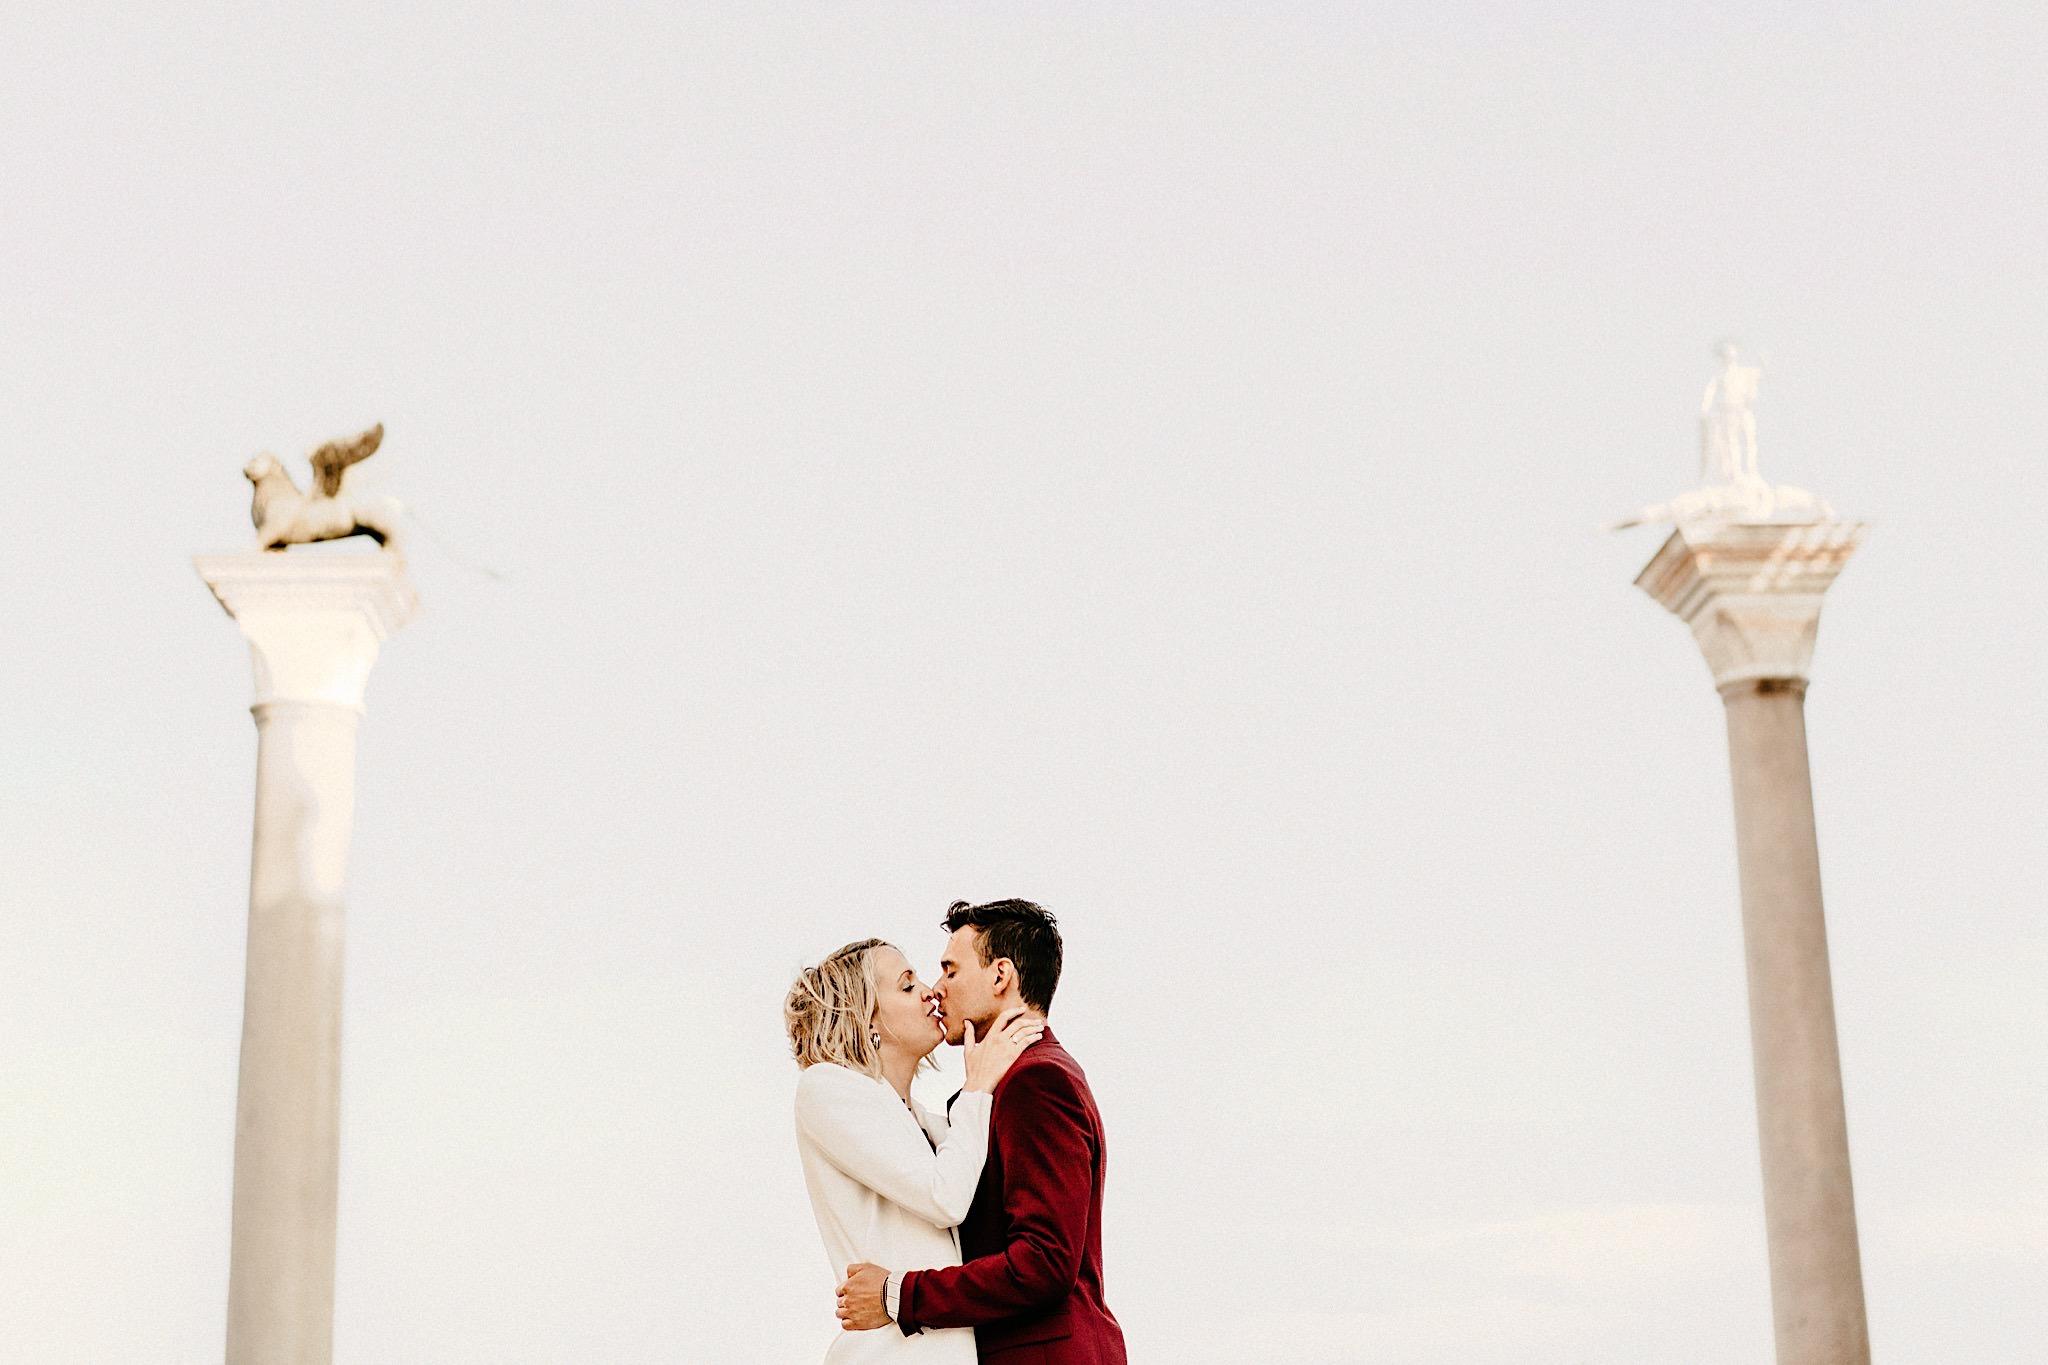 30_venezia_tramonto_matrimonio_proposta